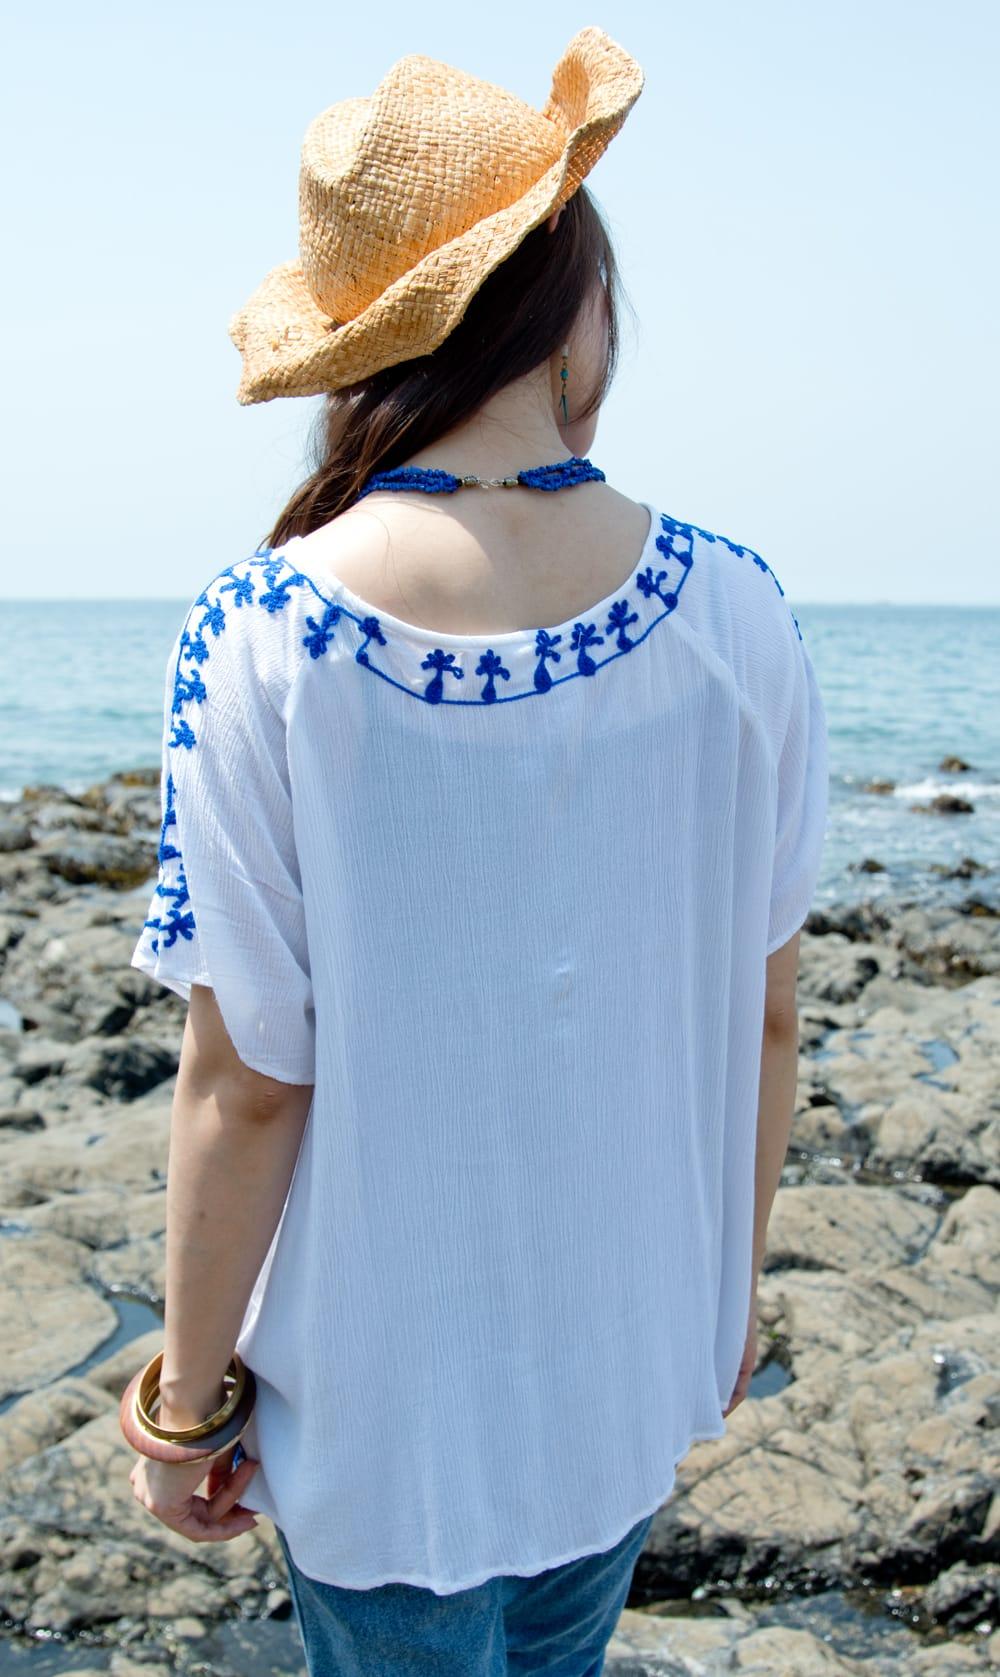 インド綿のネオンカラーサラサラチュニック 8 - 後ろ姿は、襟周りにも刺繍が映えます。